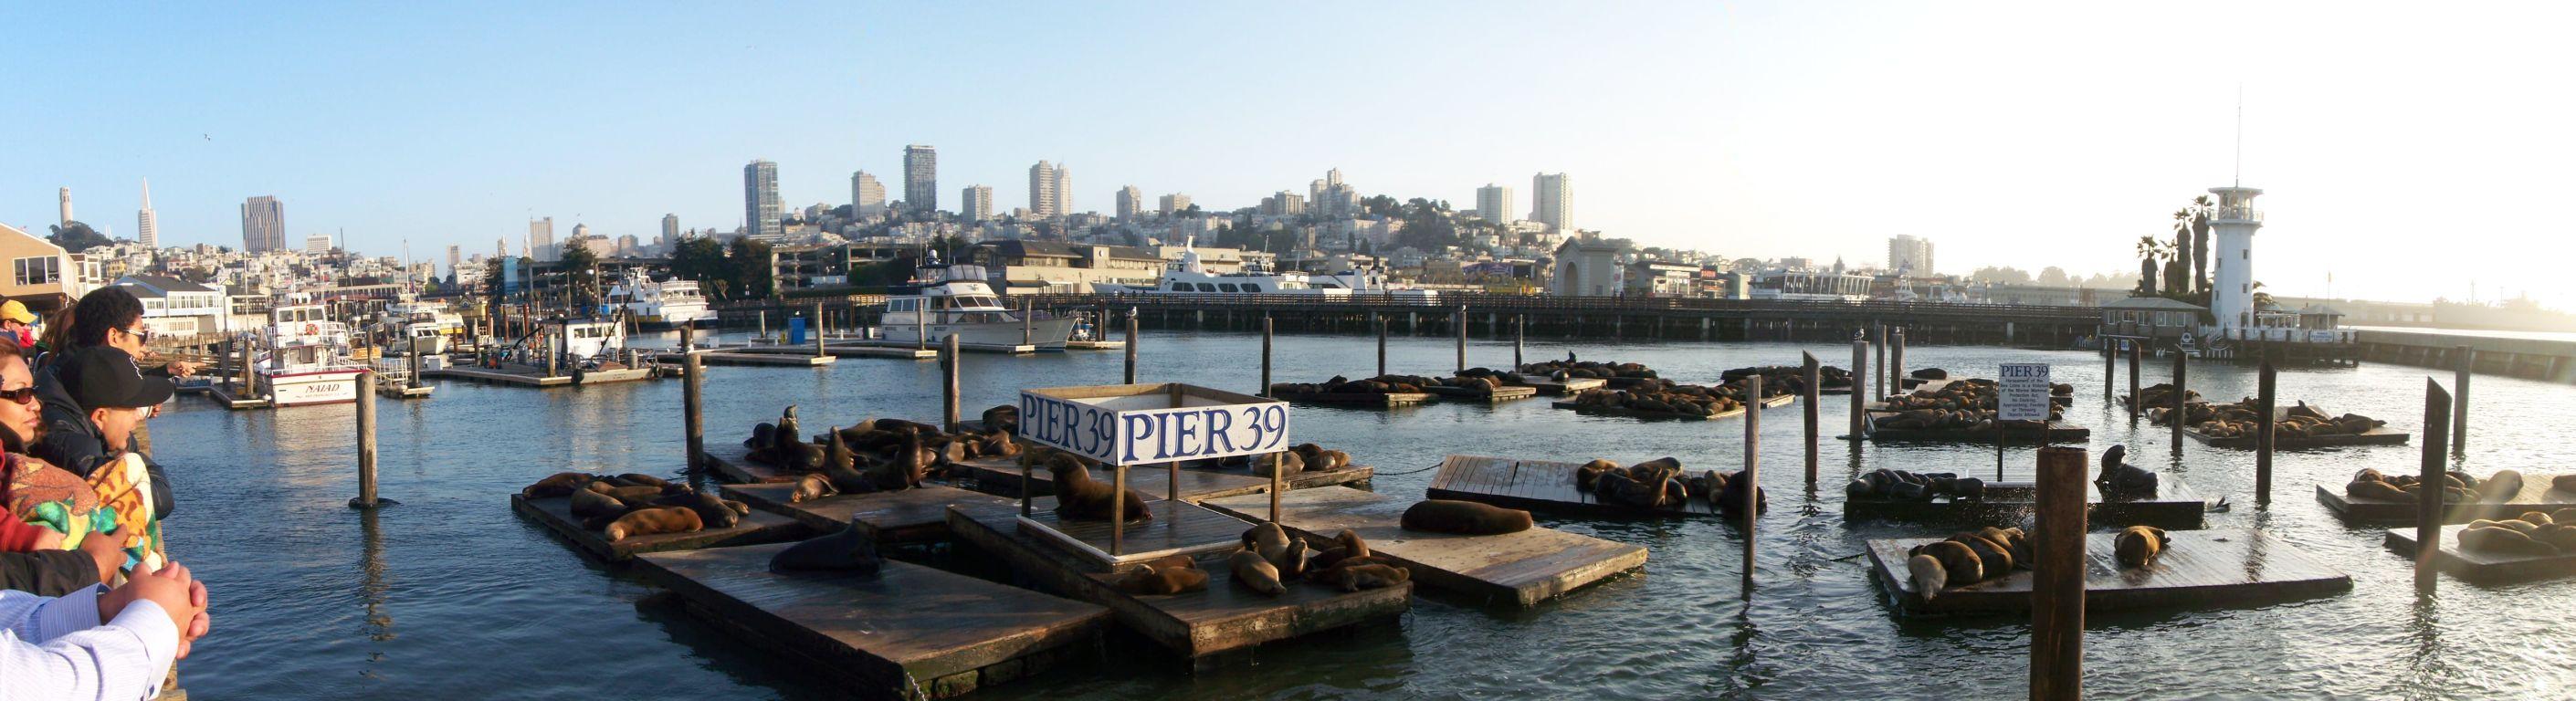 Pier-39: Panorama